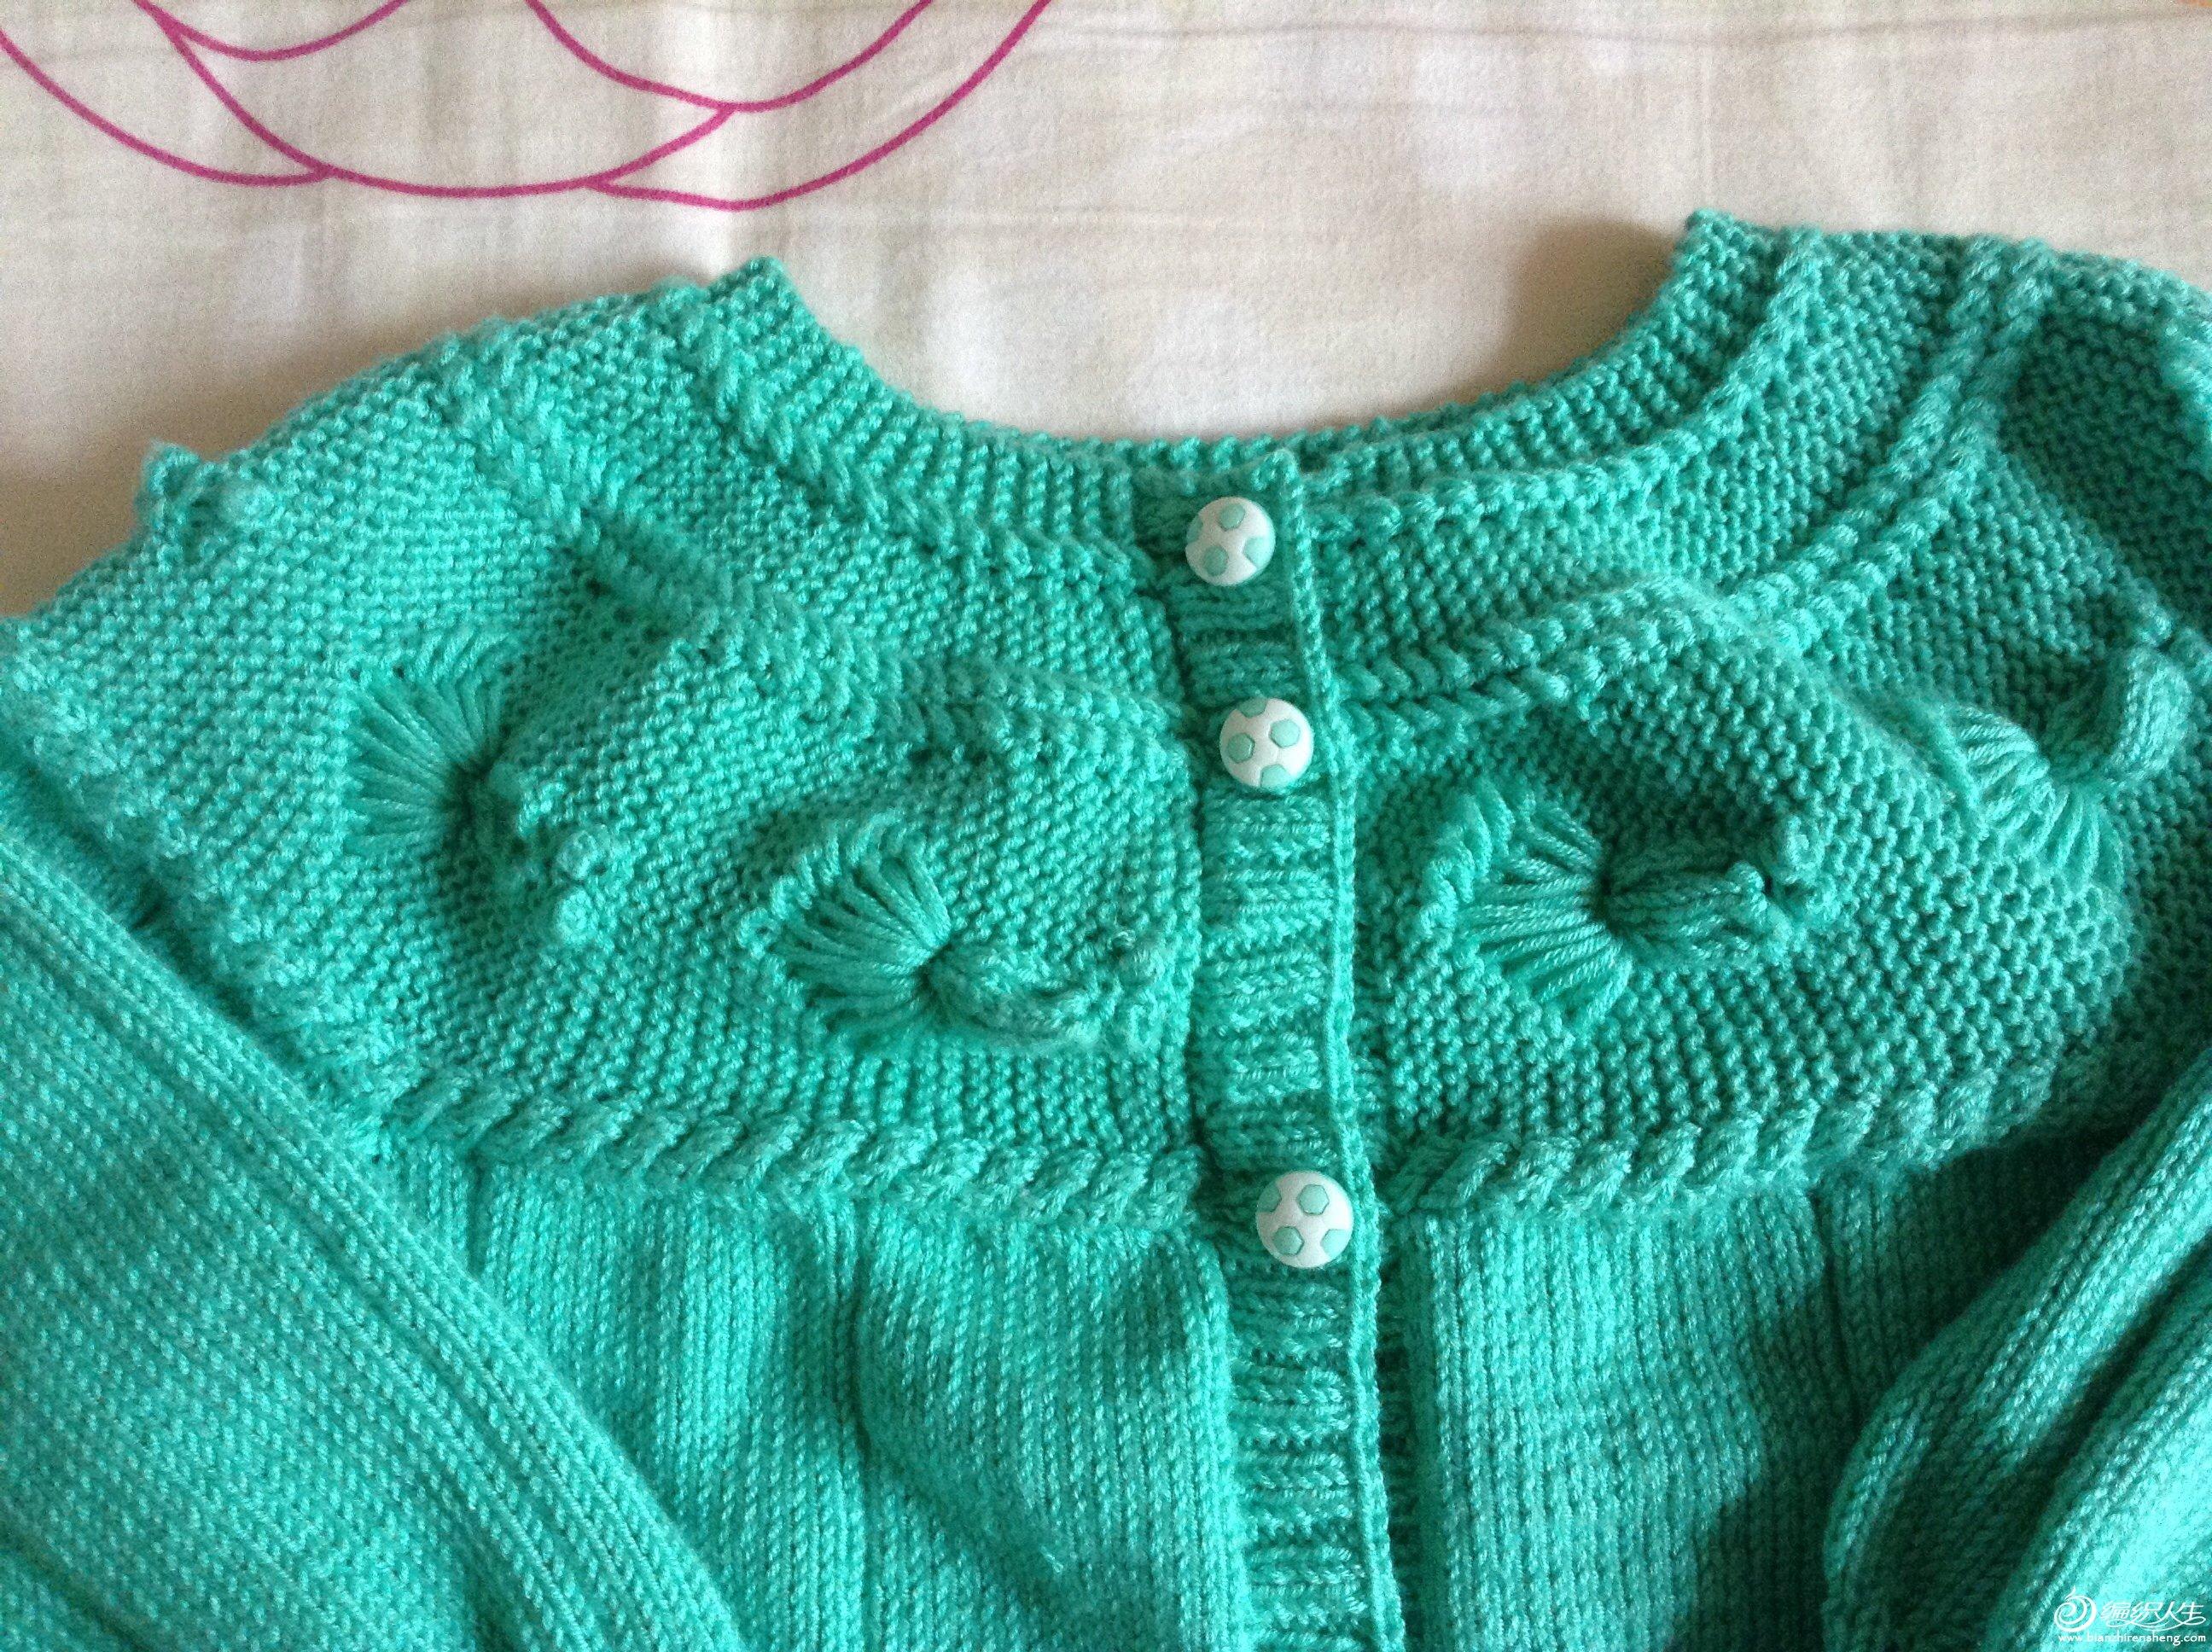 编织金鱼毛衣内容|编织金鱼毛衣图片